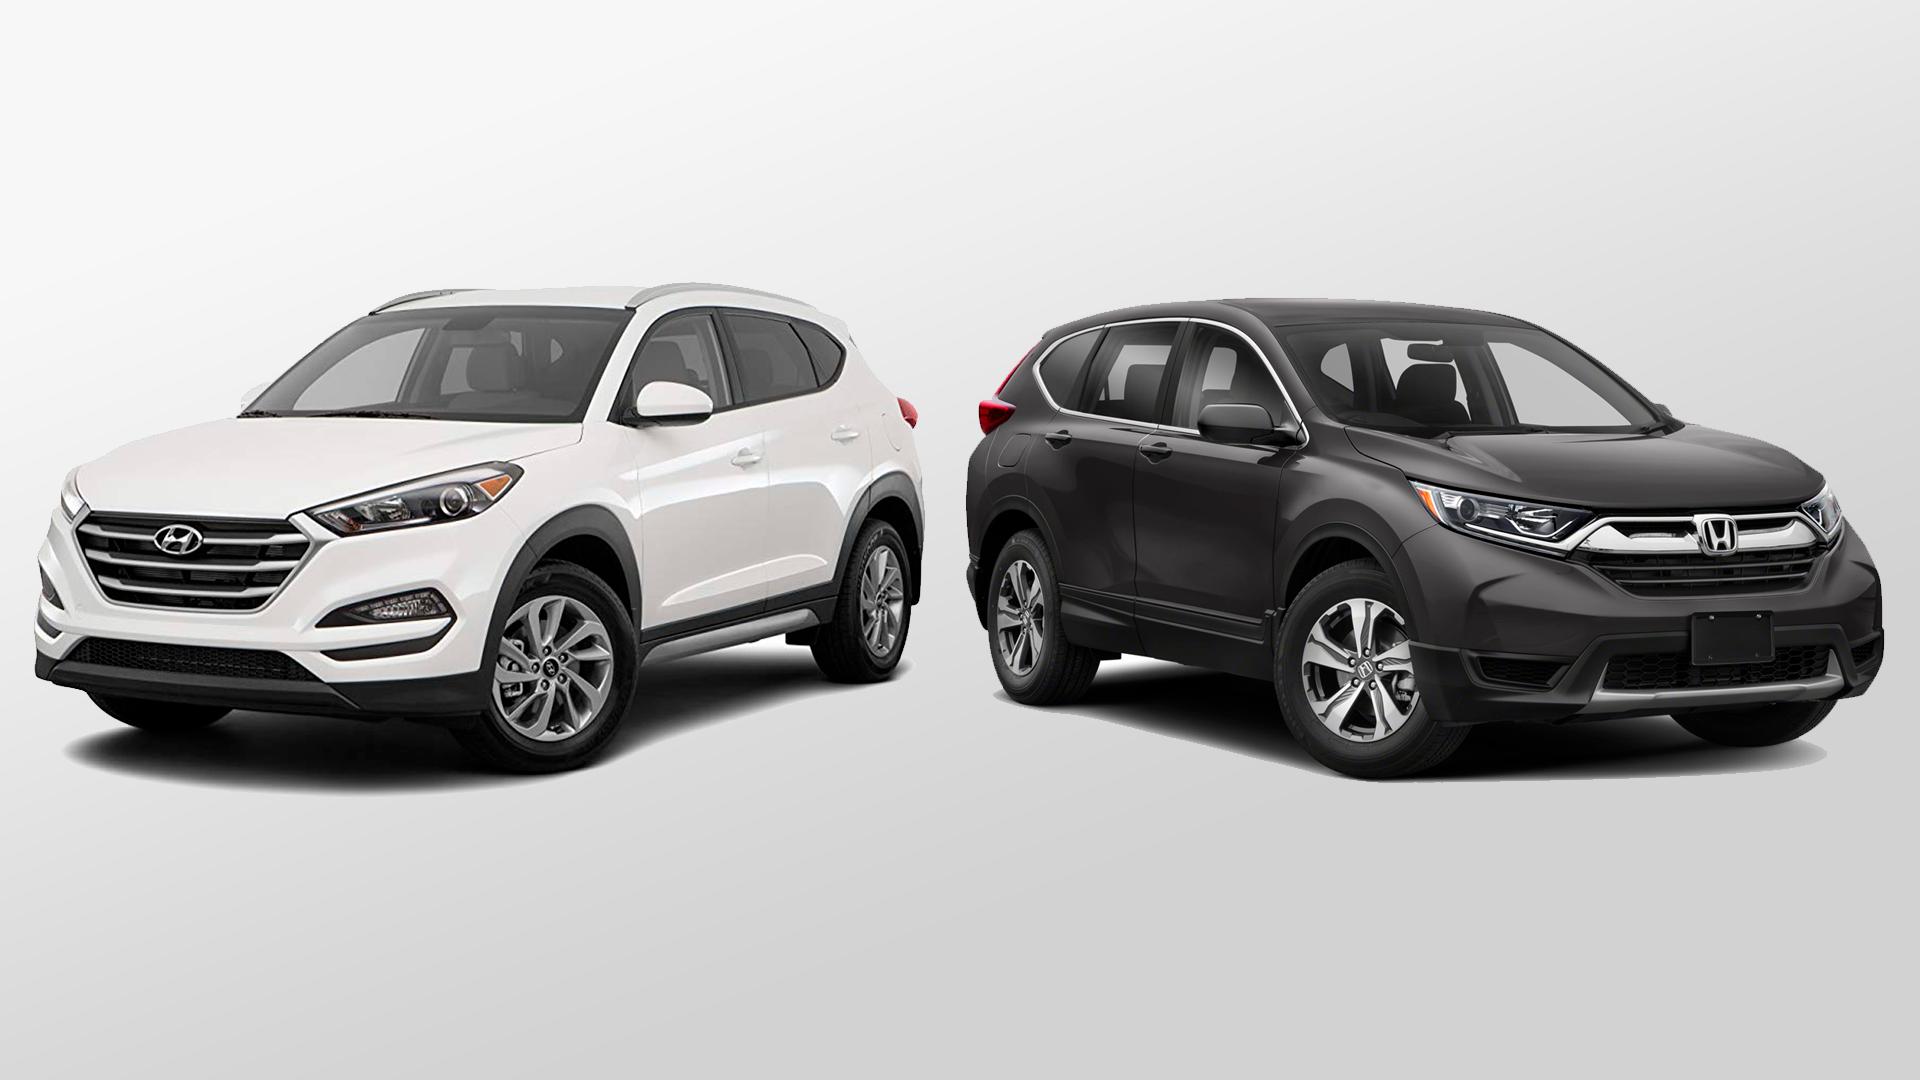 Mercado de usados: Quem desvaloriza mais, Hyundai Tucson ou Honda CR-V?